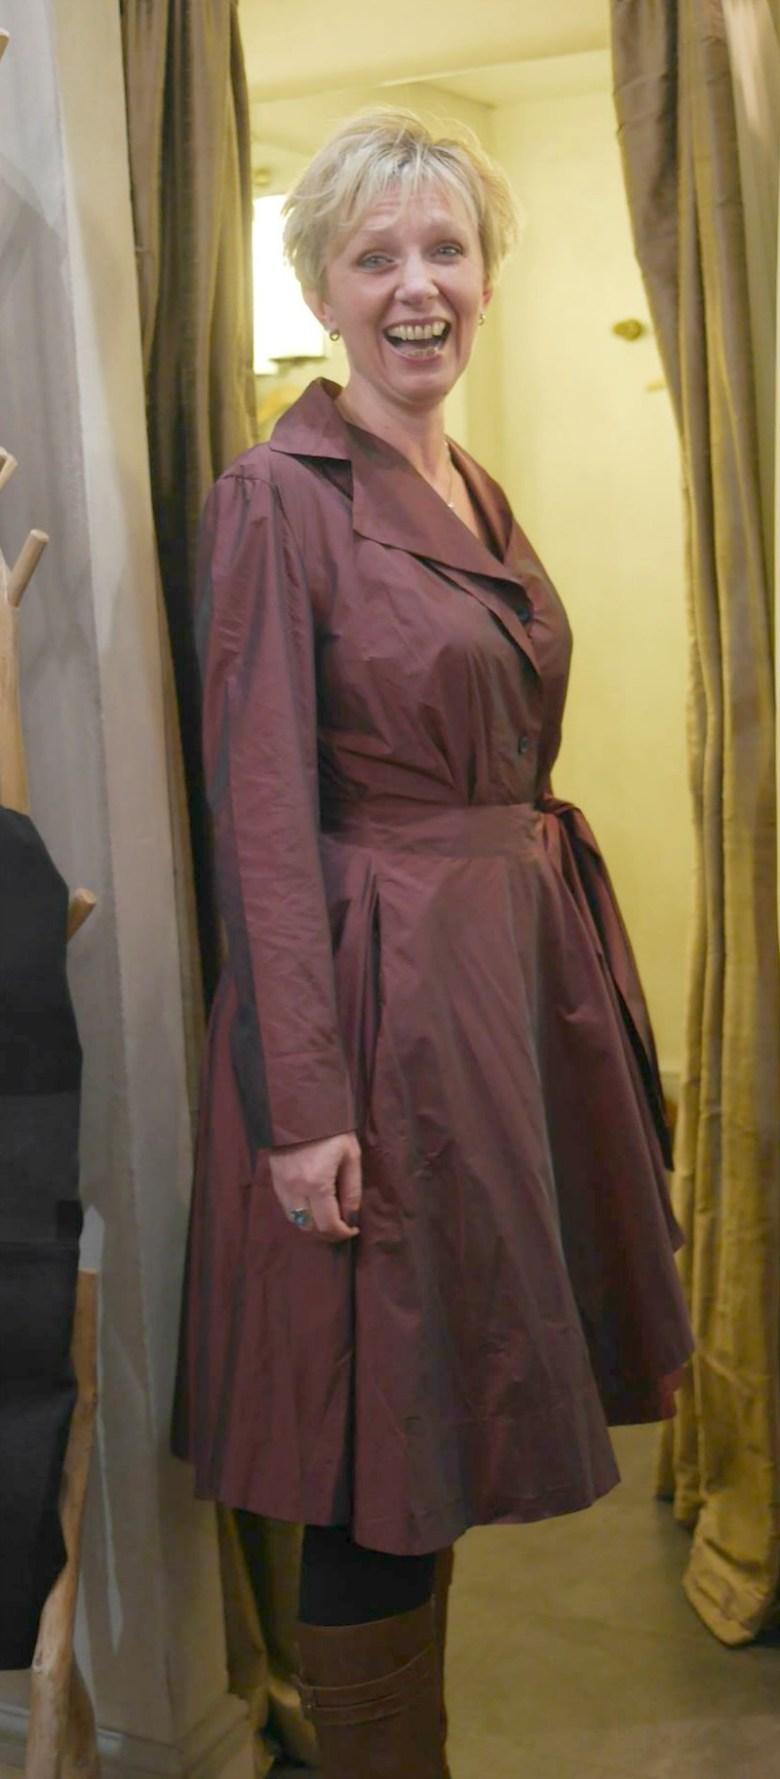 Olivia May Coat Dress AW15